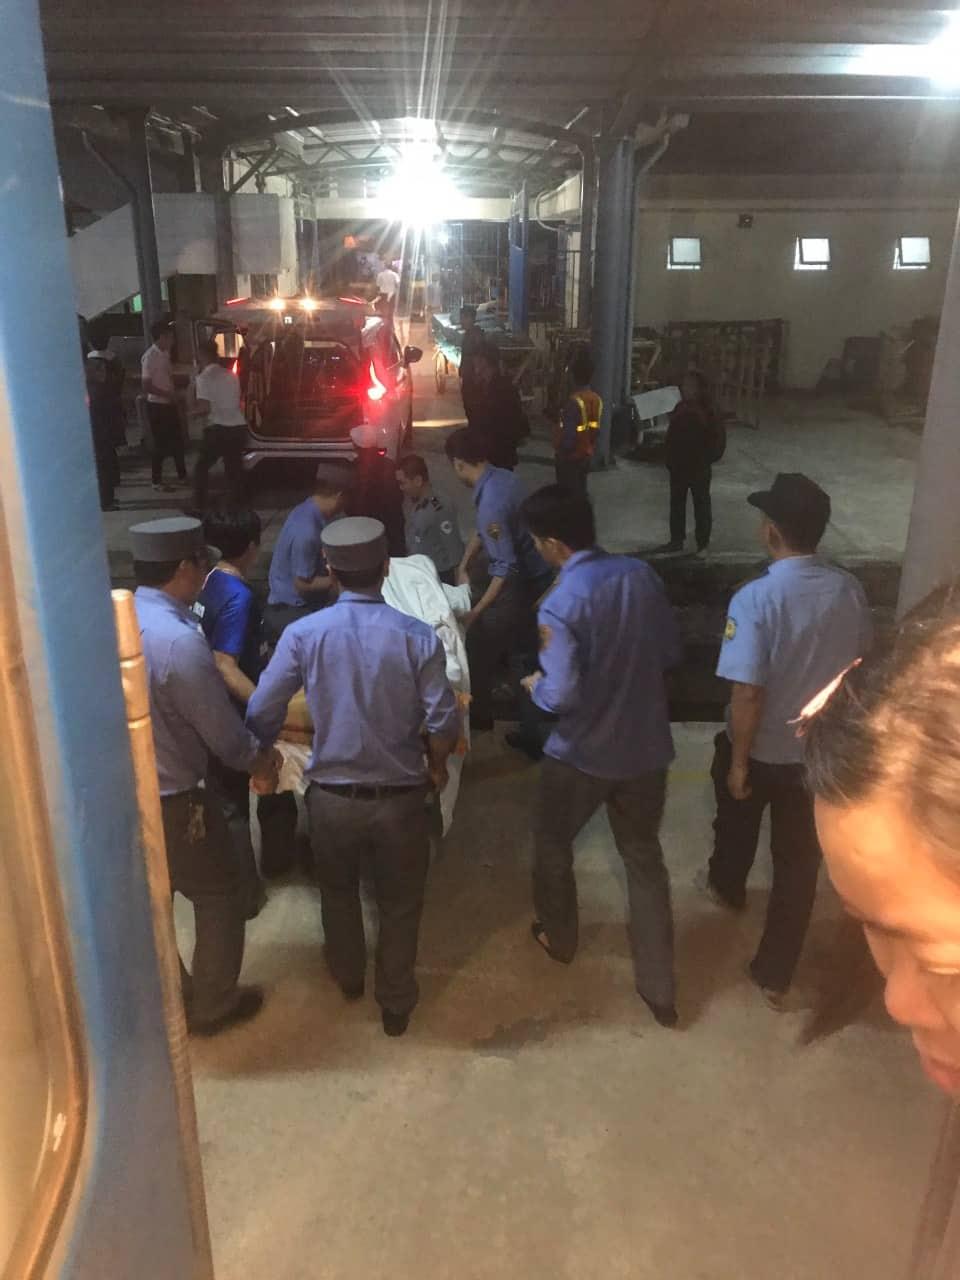 Các nhân viên tàu SE6 hỗ trợ đưa chị Hồng đến Bệnh viện Sản - Nhi Quảng Ngài để được tiếp tục chăm sóc